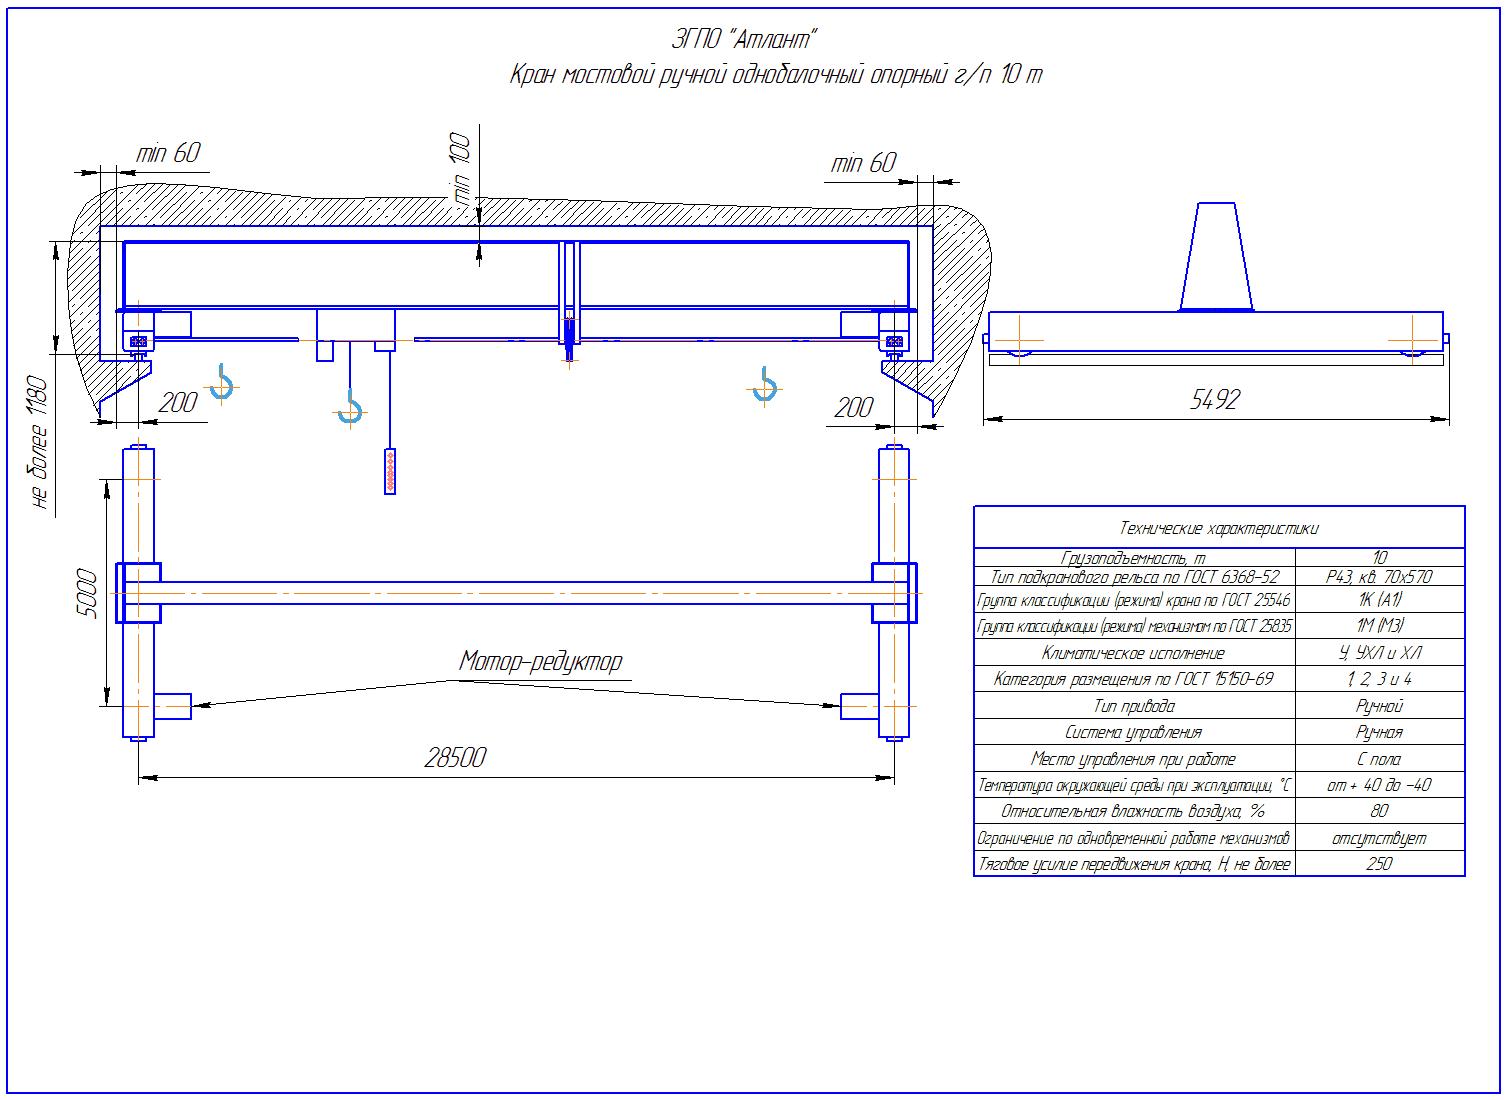 KRMOO 10 285 - Кран ручной мостовой опорный однобалочный